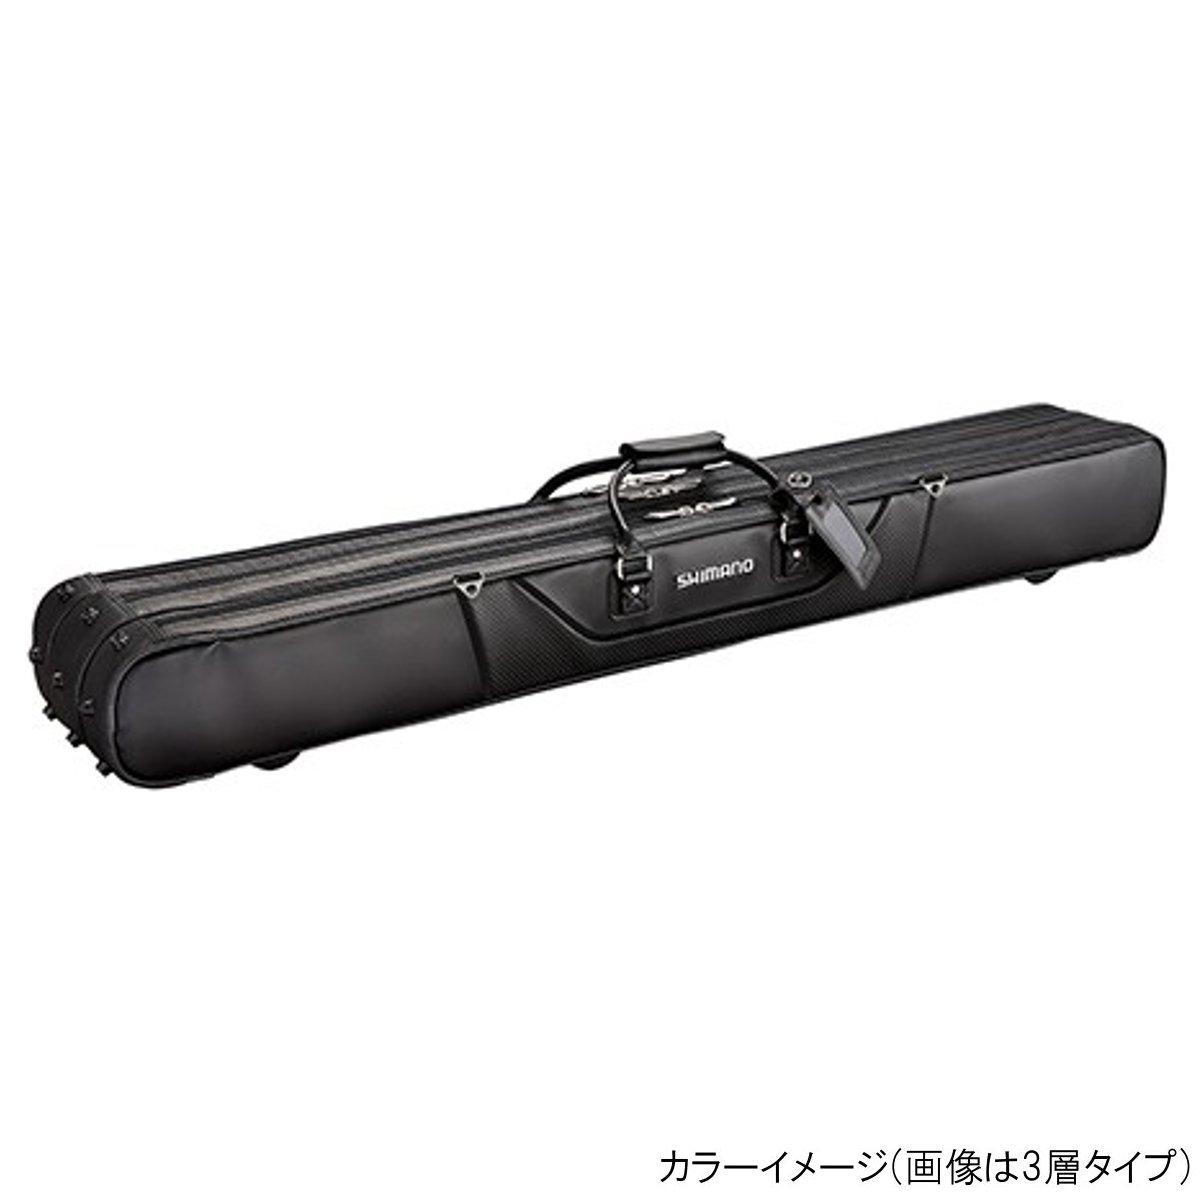 シマノ へらロッドケースXT RC-012Q 2層 カーボンブラック(東日本店)